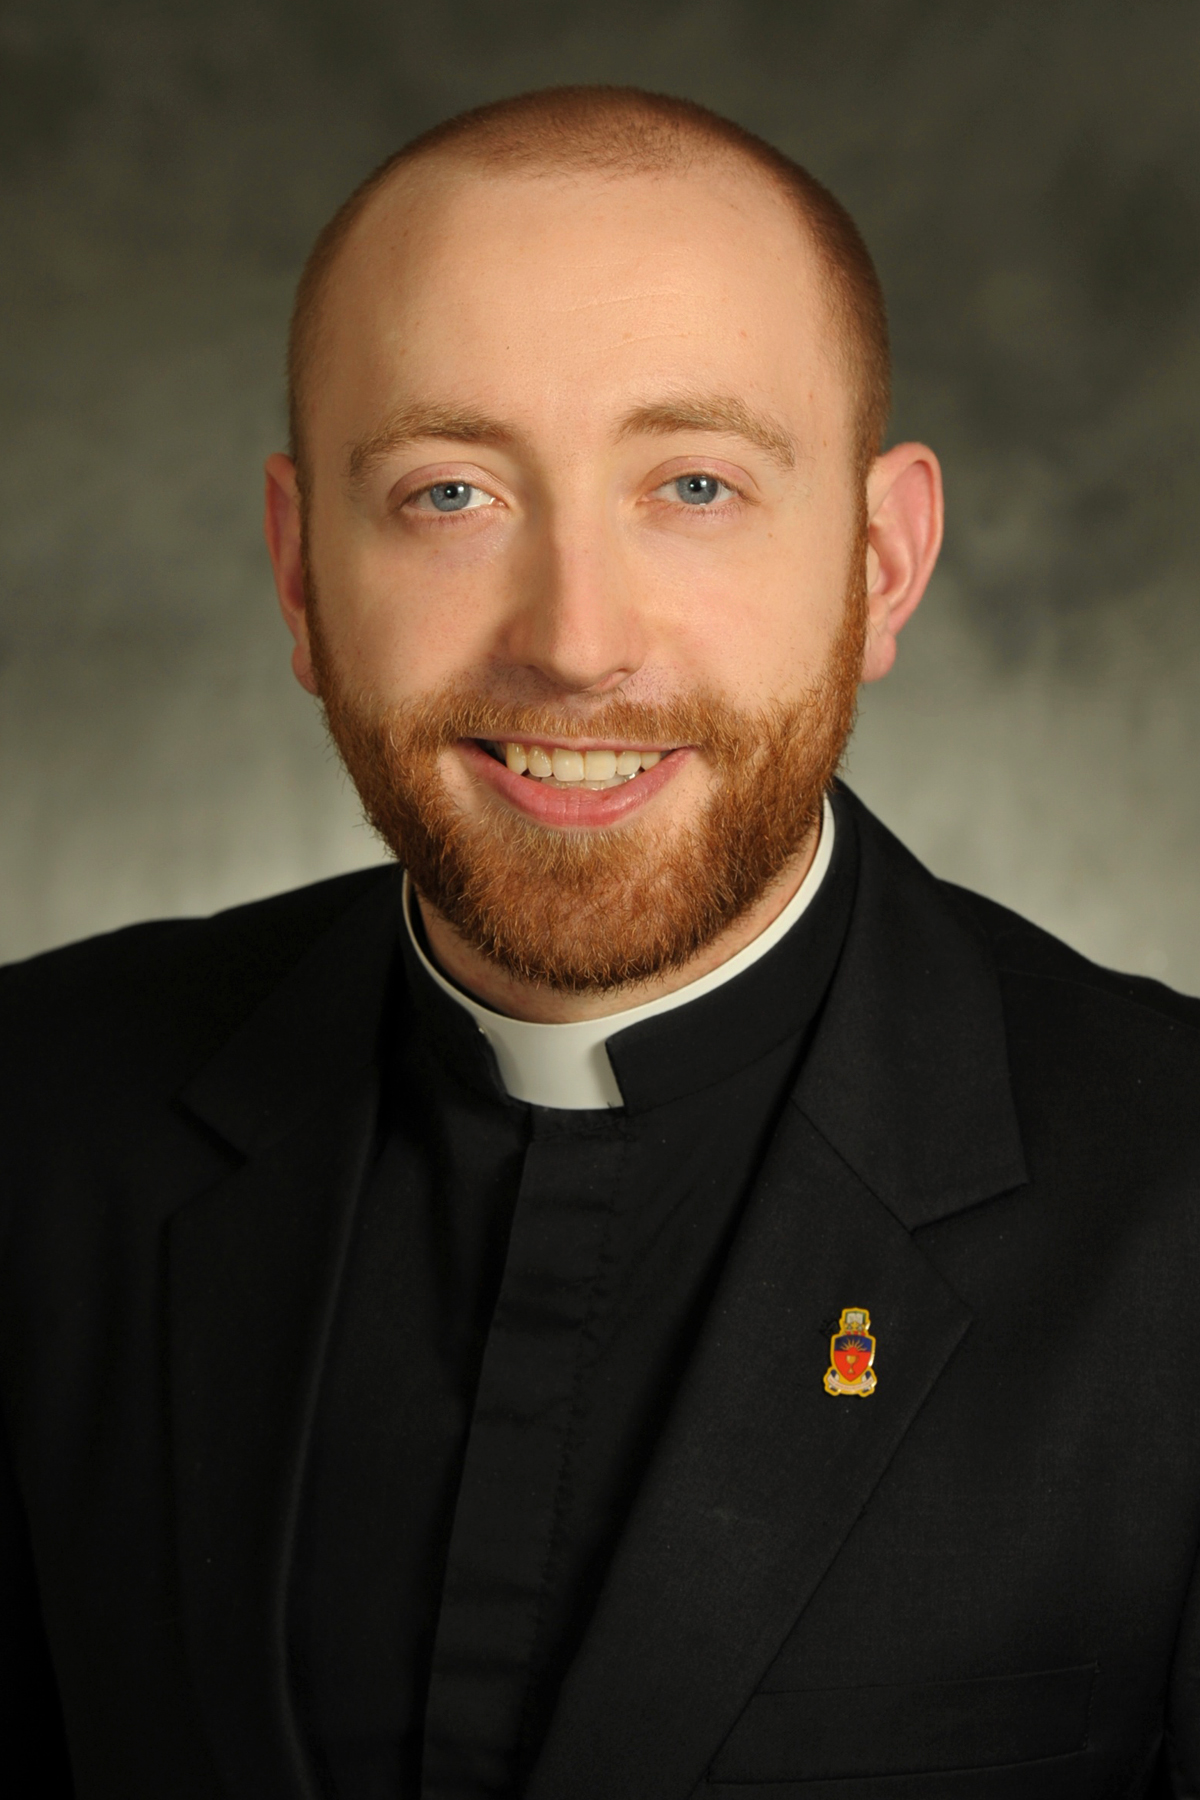 Fr. Merkley